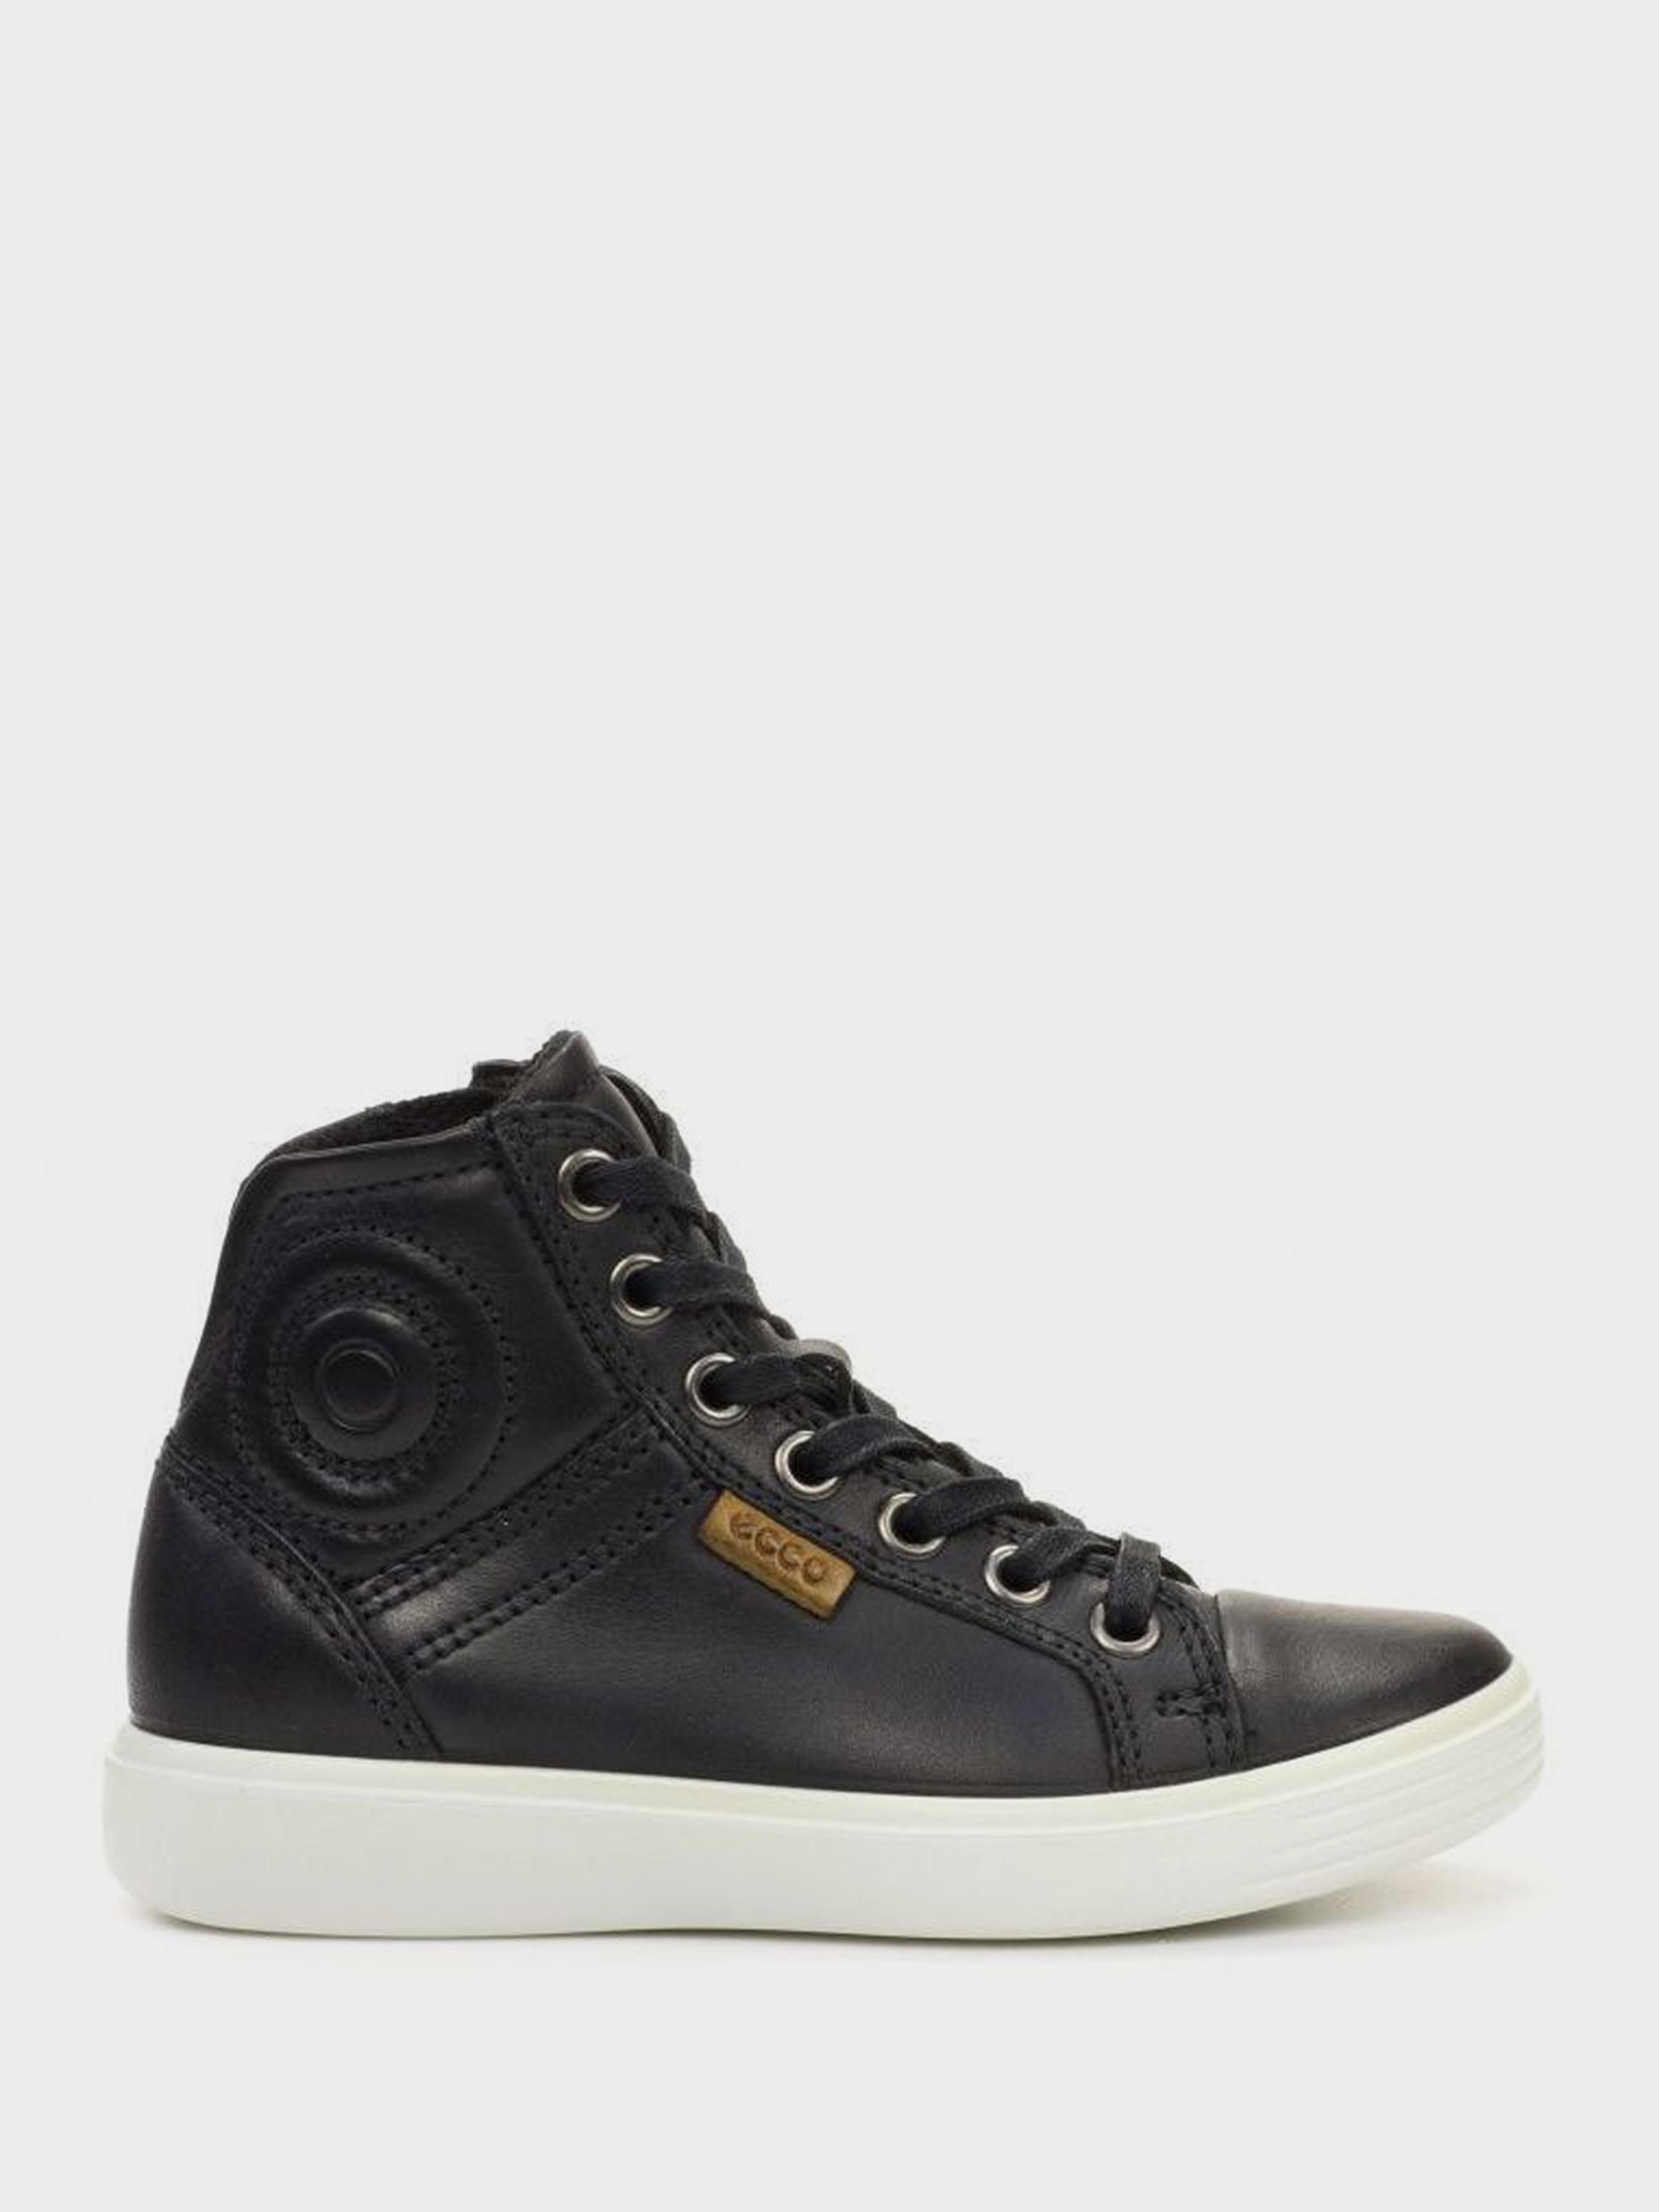 Купить Ботинки детские ECCO S7 TEEN ZK2969, Черный